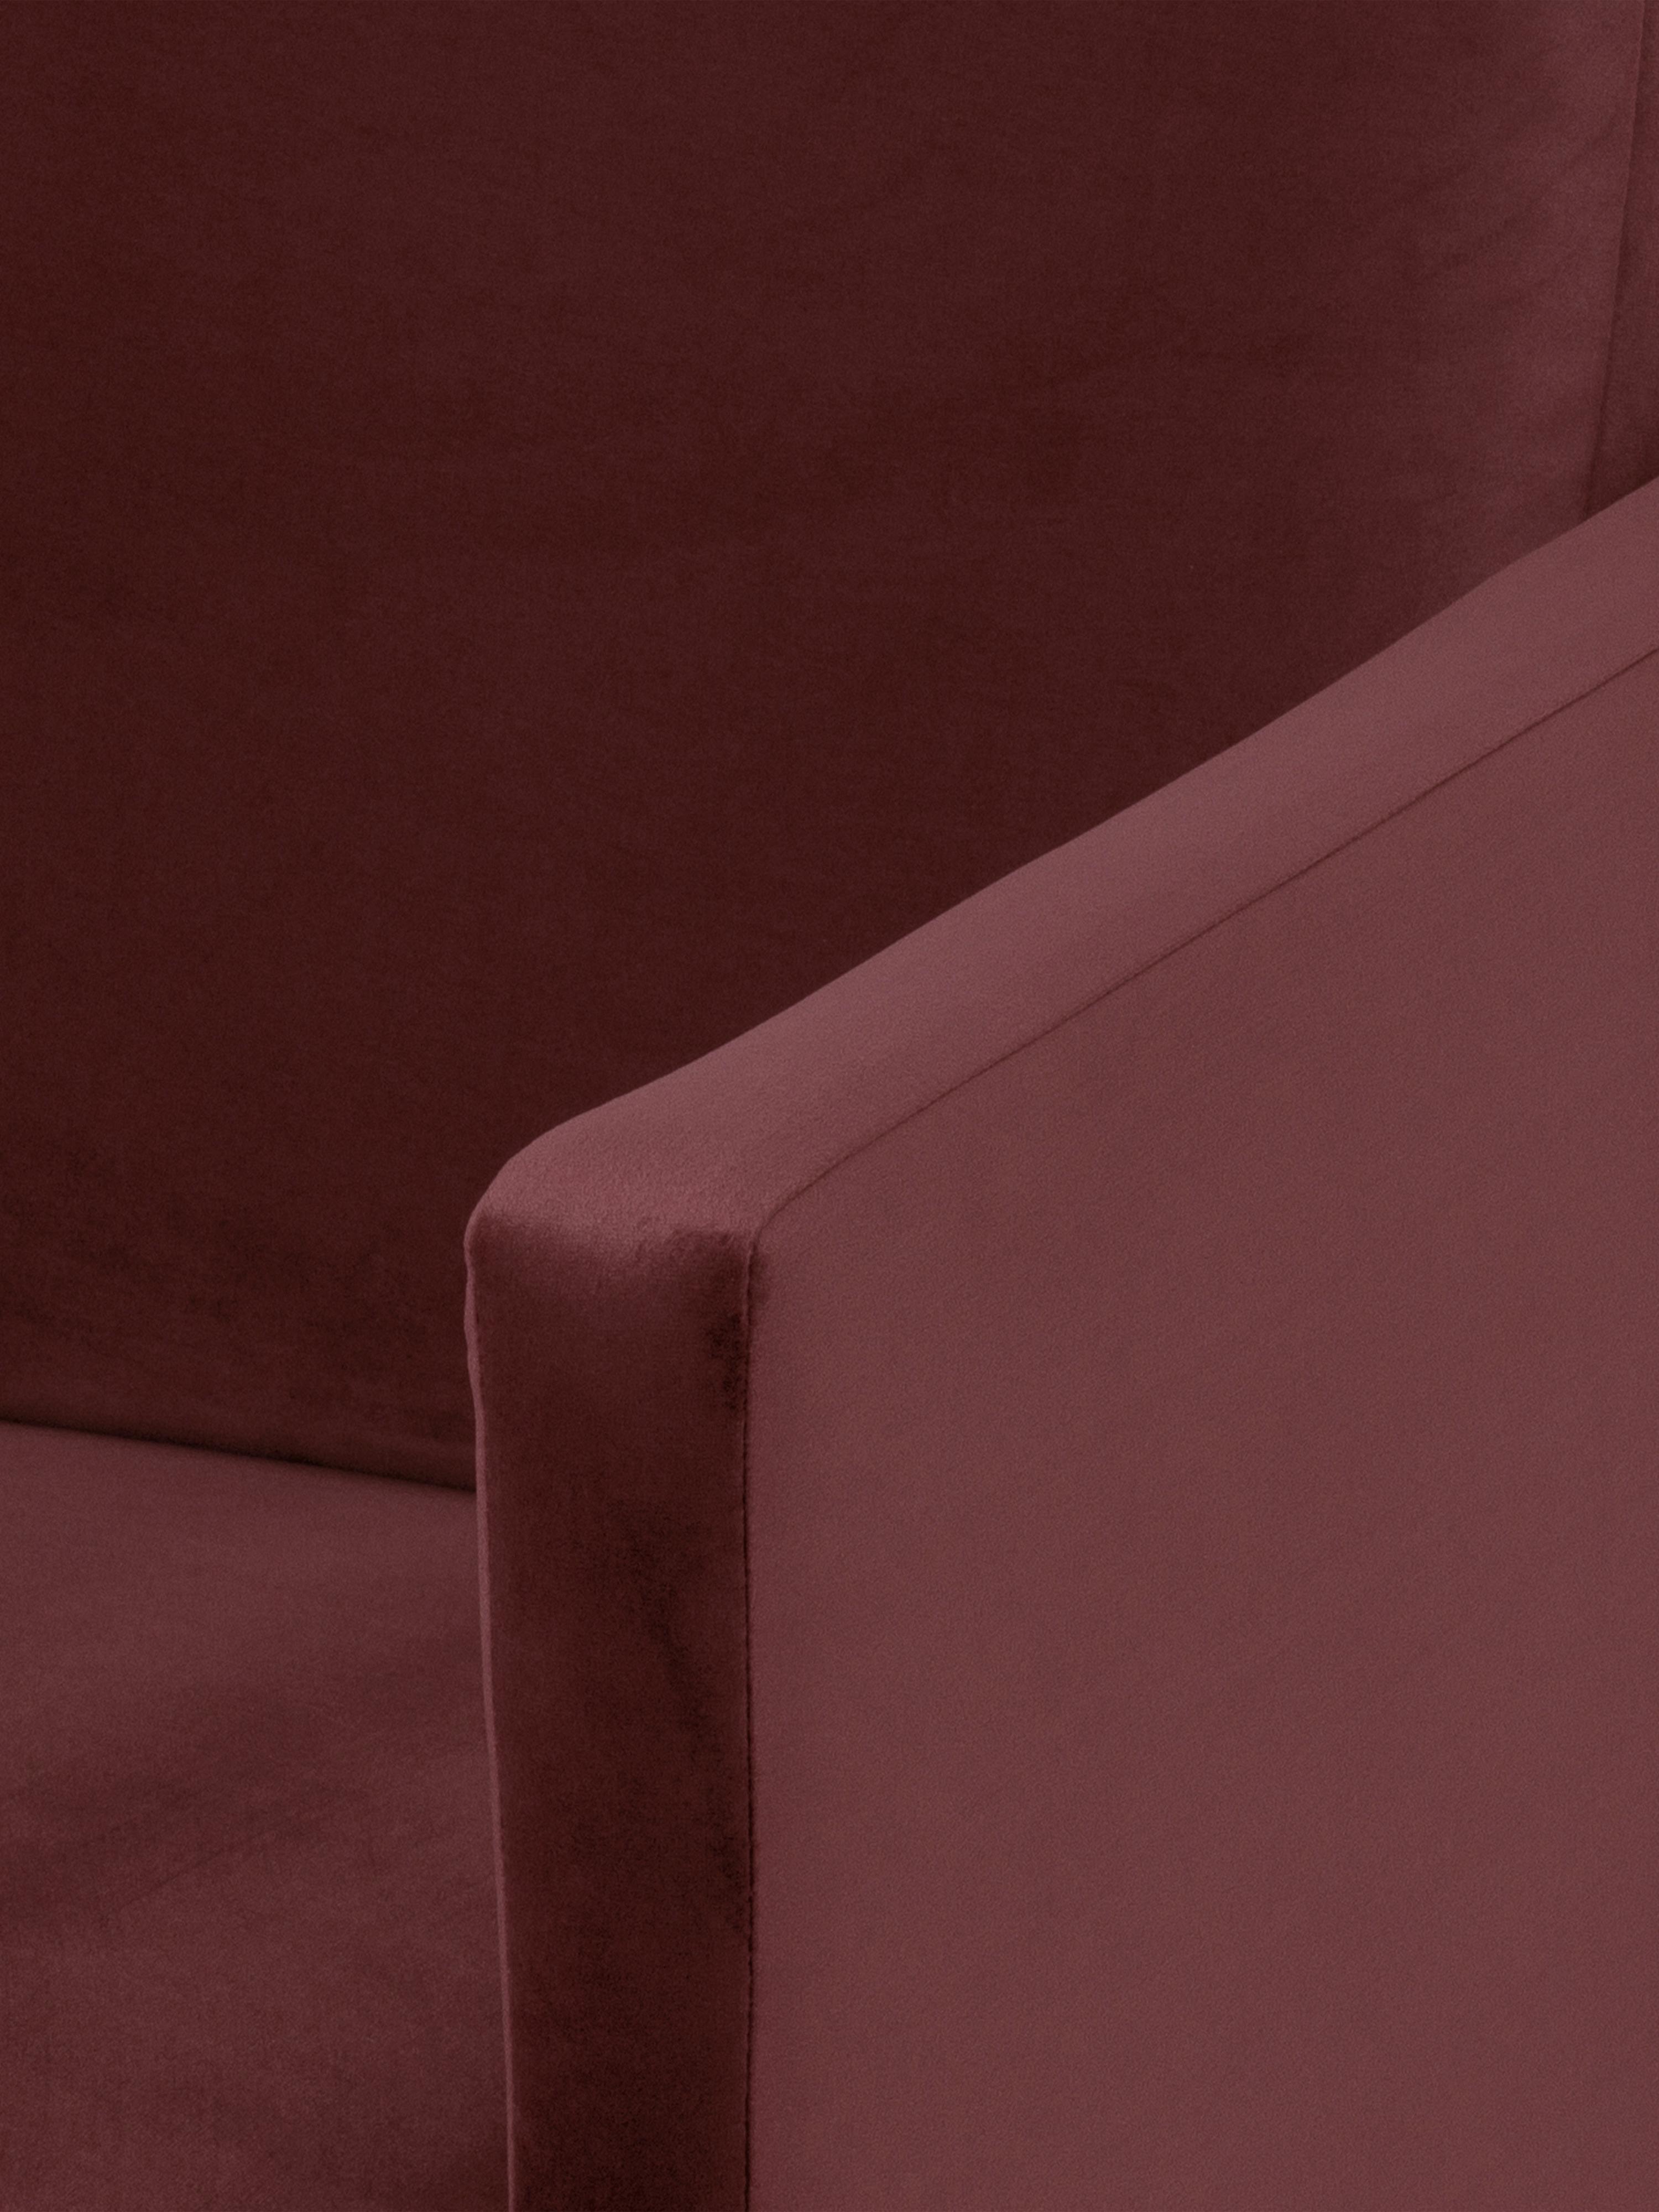 Divano angolare in velluto rosso ruggine Fluente, Rivestimento: velluto (rivestimento in , Struttura: legno di pino massiccio, Piedini: metallo verniciato a polv, Velluto rosso ruggine, Larg. 221 x Prof. 200 cm